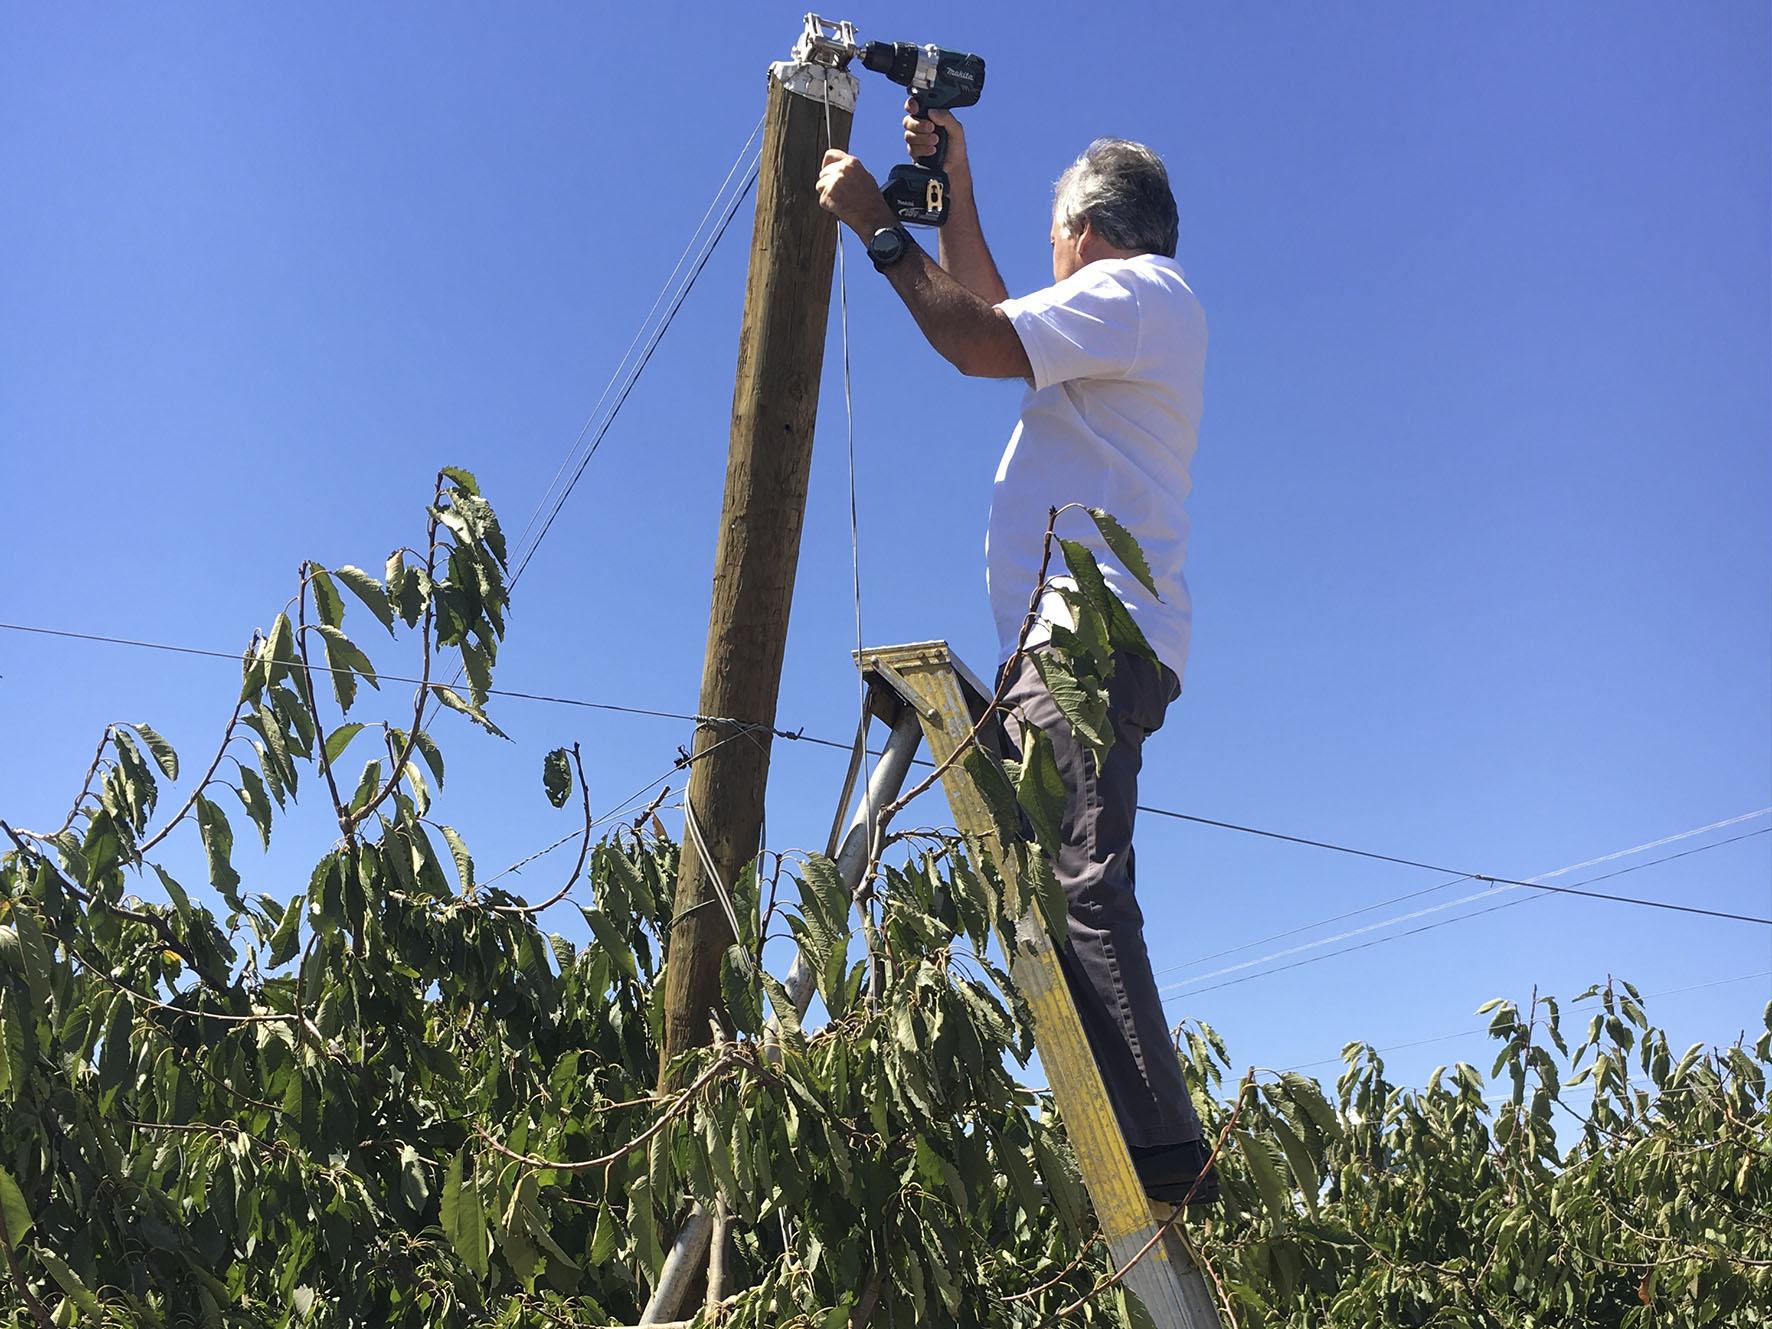 Un Agricultor Opera Nuestro Sistema Que Facilita La Apertura Y Cierre De Cobertores Frutales A Lo Largo De Hileras.